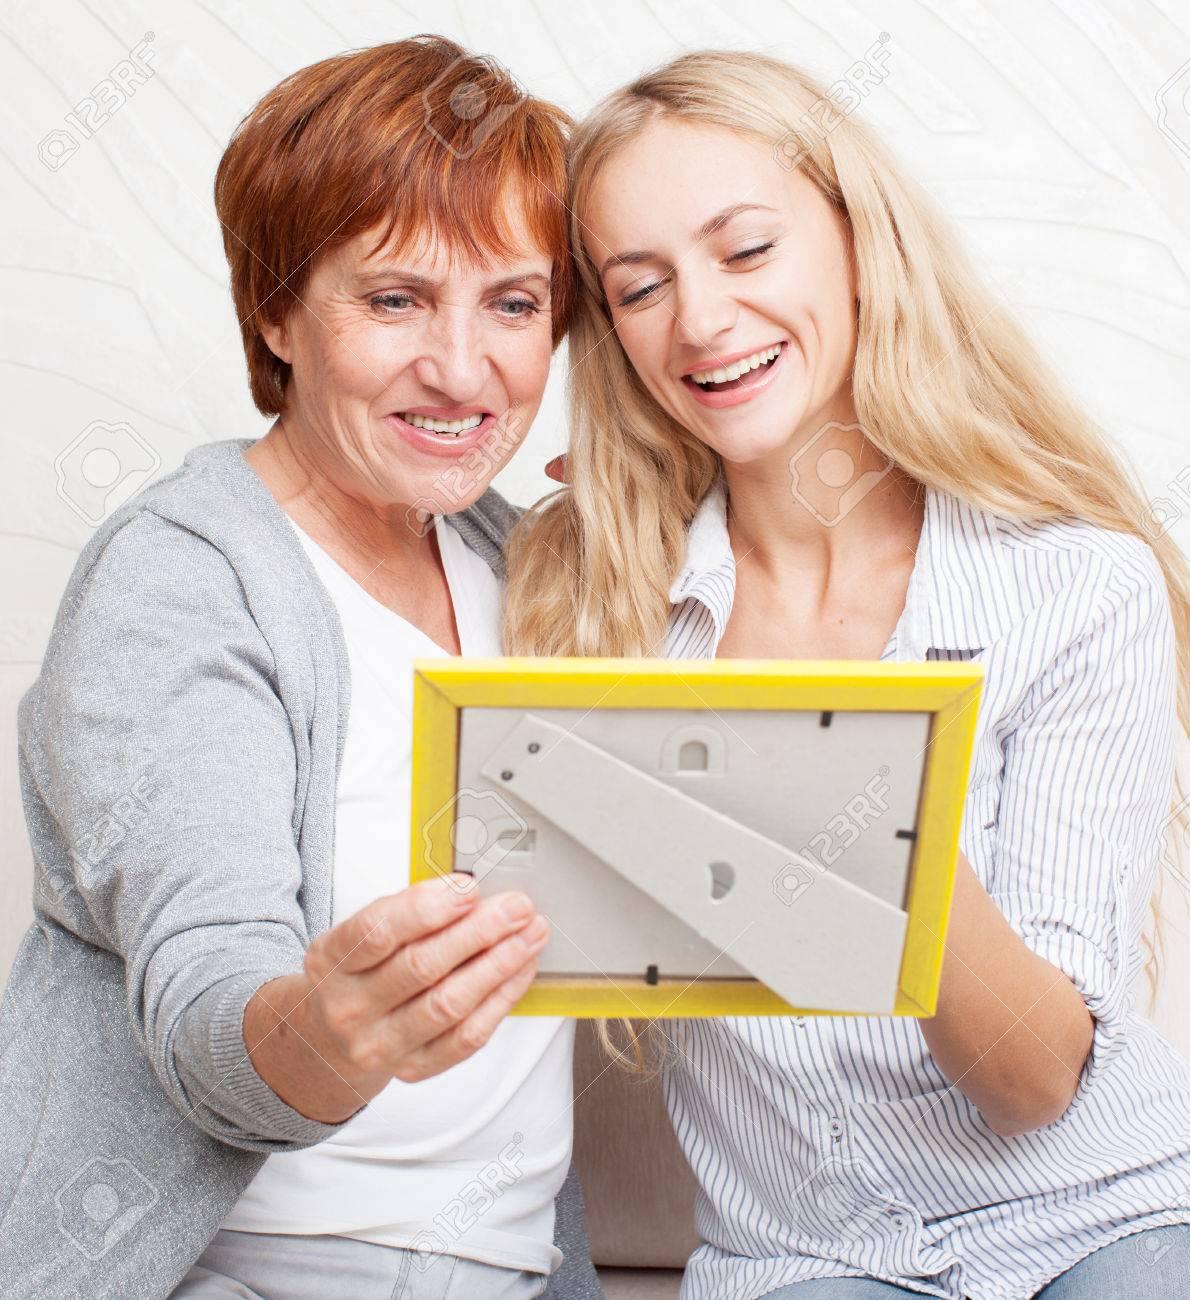 Madre Con La Hija Mirando Marco De Fotos. Mujeres Sonrientes Felices ...